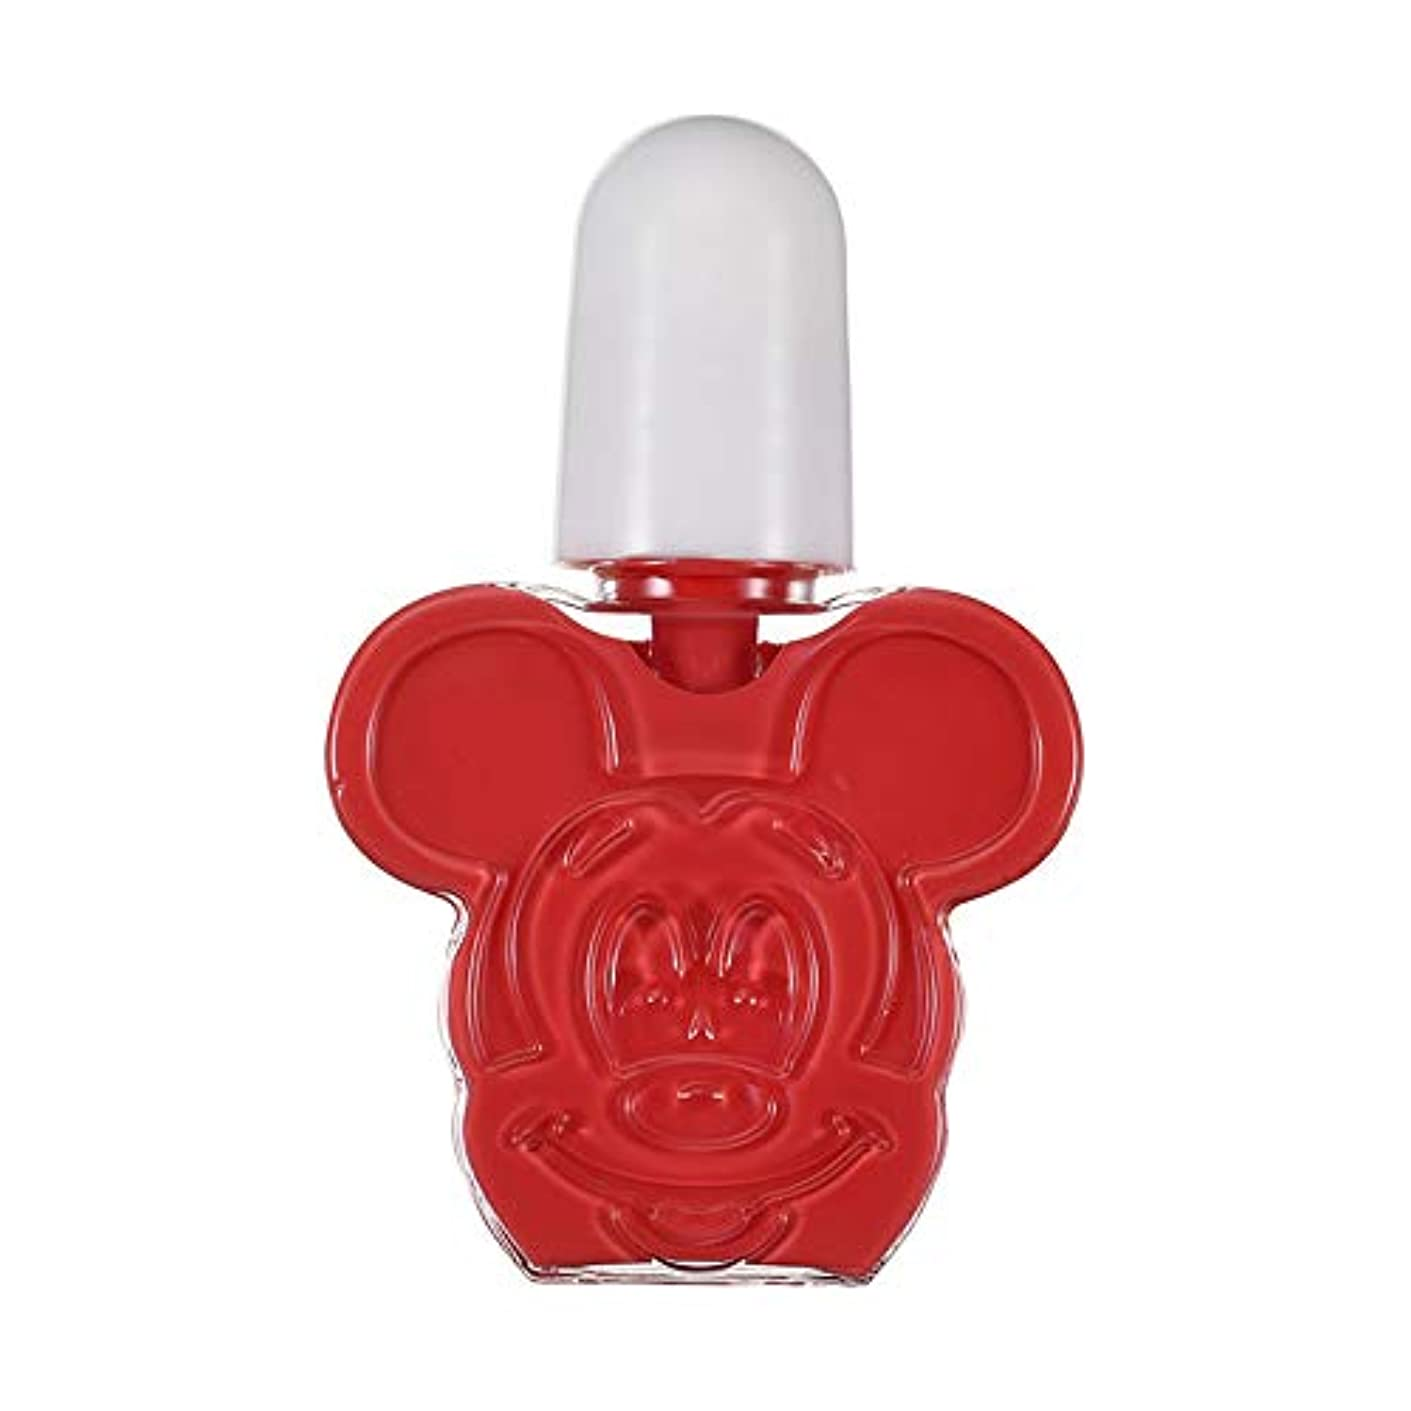 のど署名兵器庫ディズニーストア(公式)ネイルカラー ピールオフ ミッキー レッド Gummy Candy Cosme